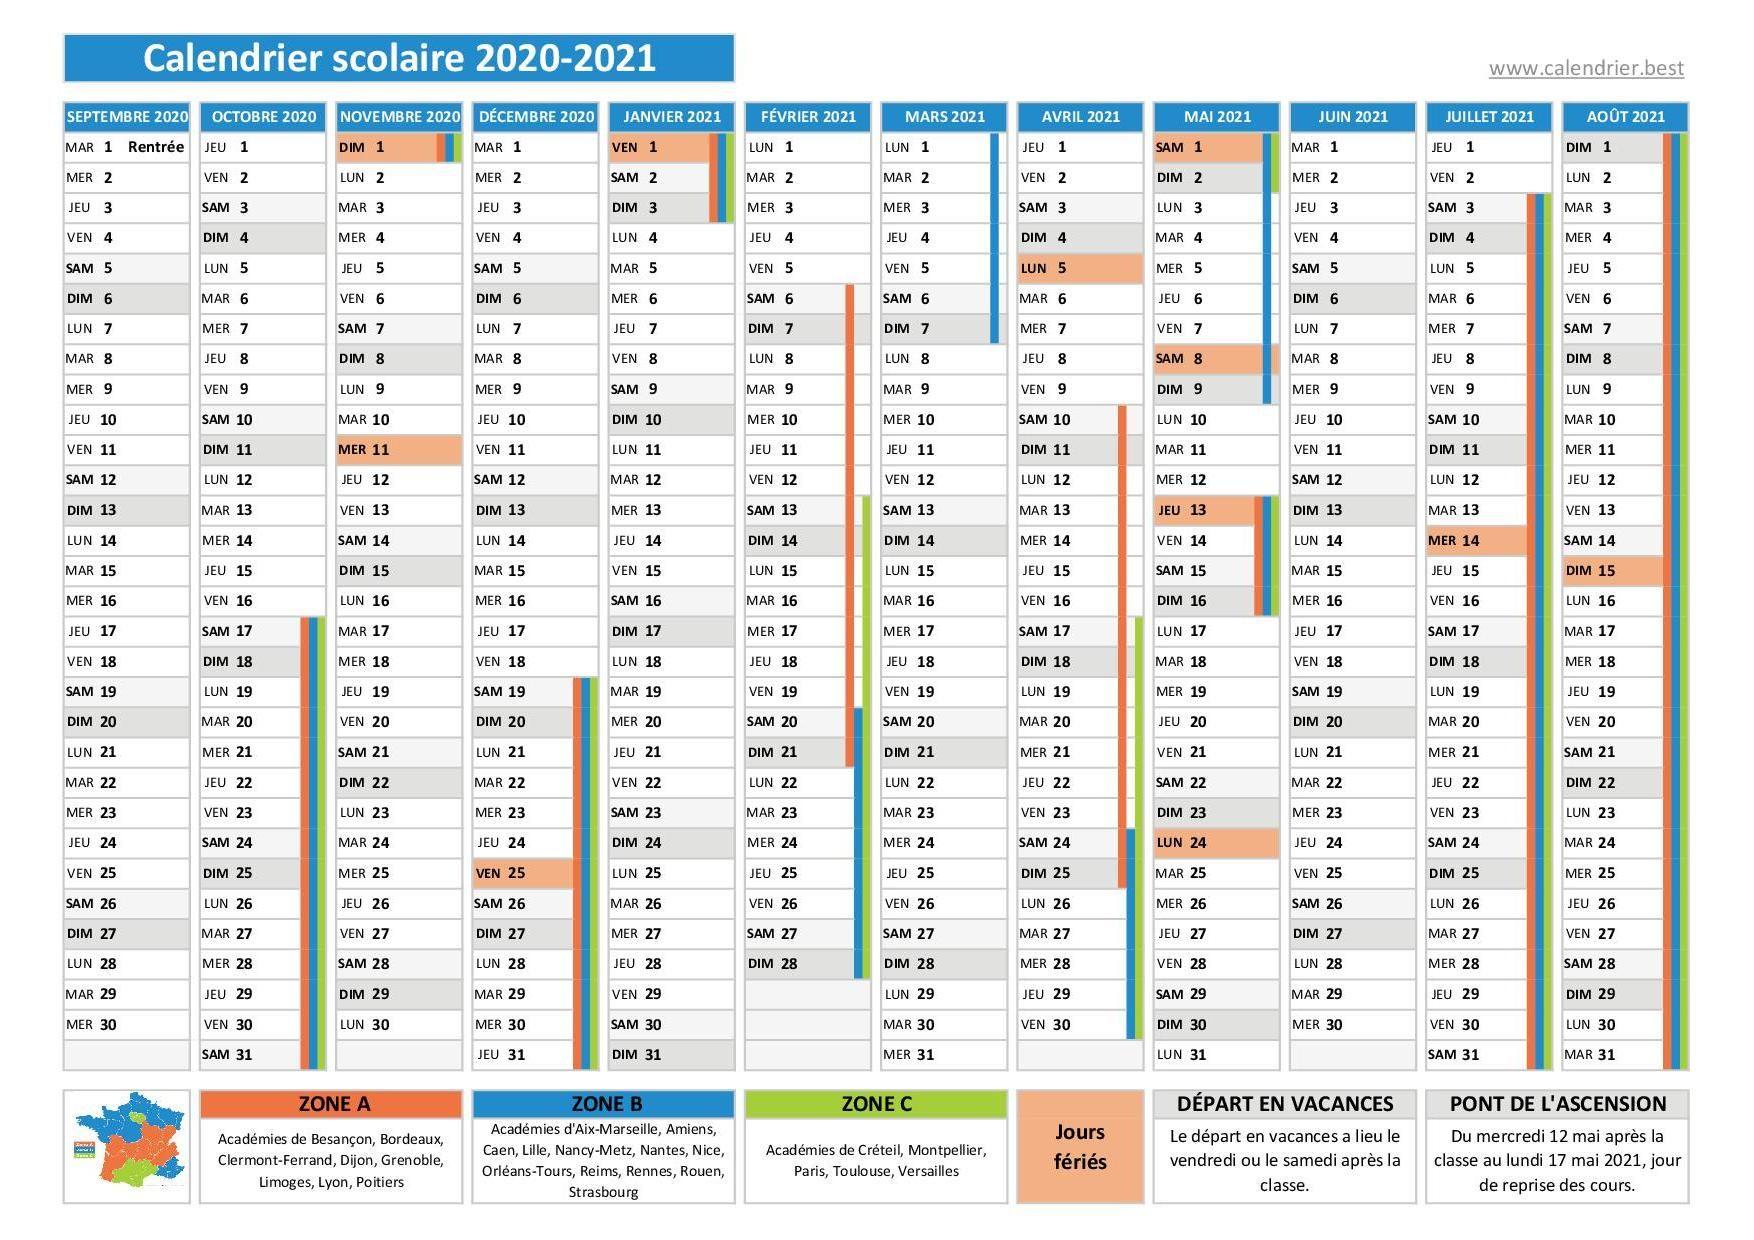 Calendrier scolaire 2020 2021 avec jours fériés en 2020